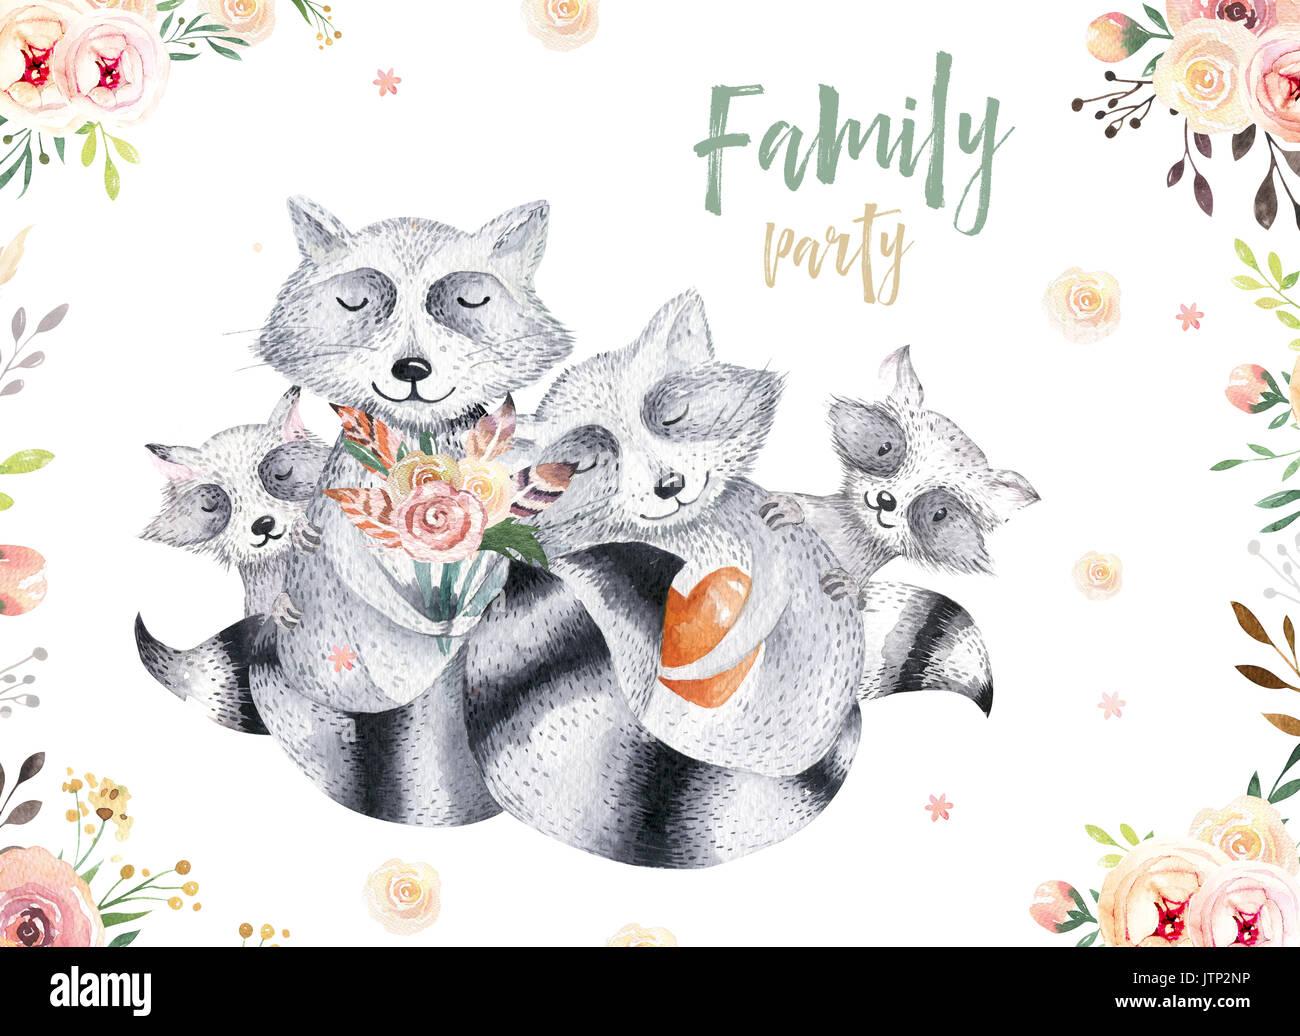 poster fur kinderzimmer, cute baby raccon baumschule tier isoliert abbildung: für kinder, Design ideen